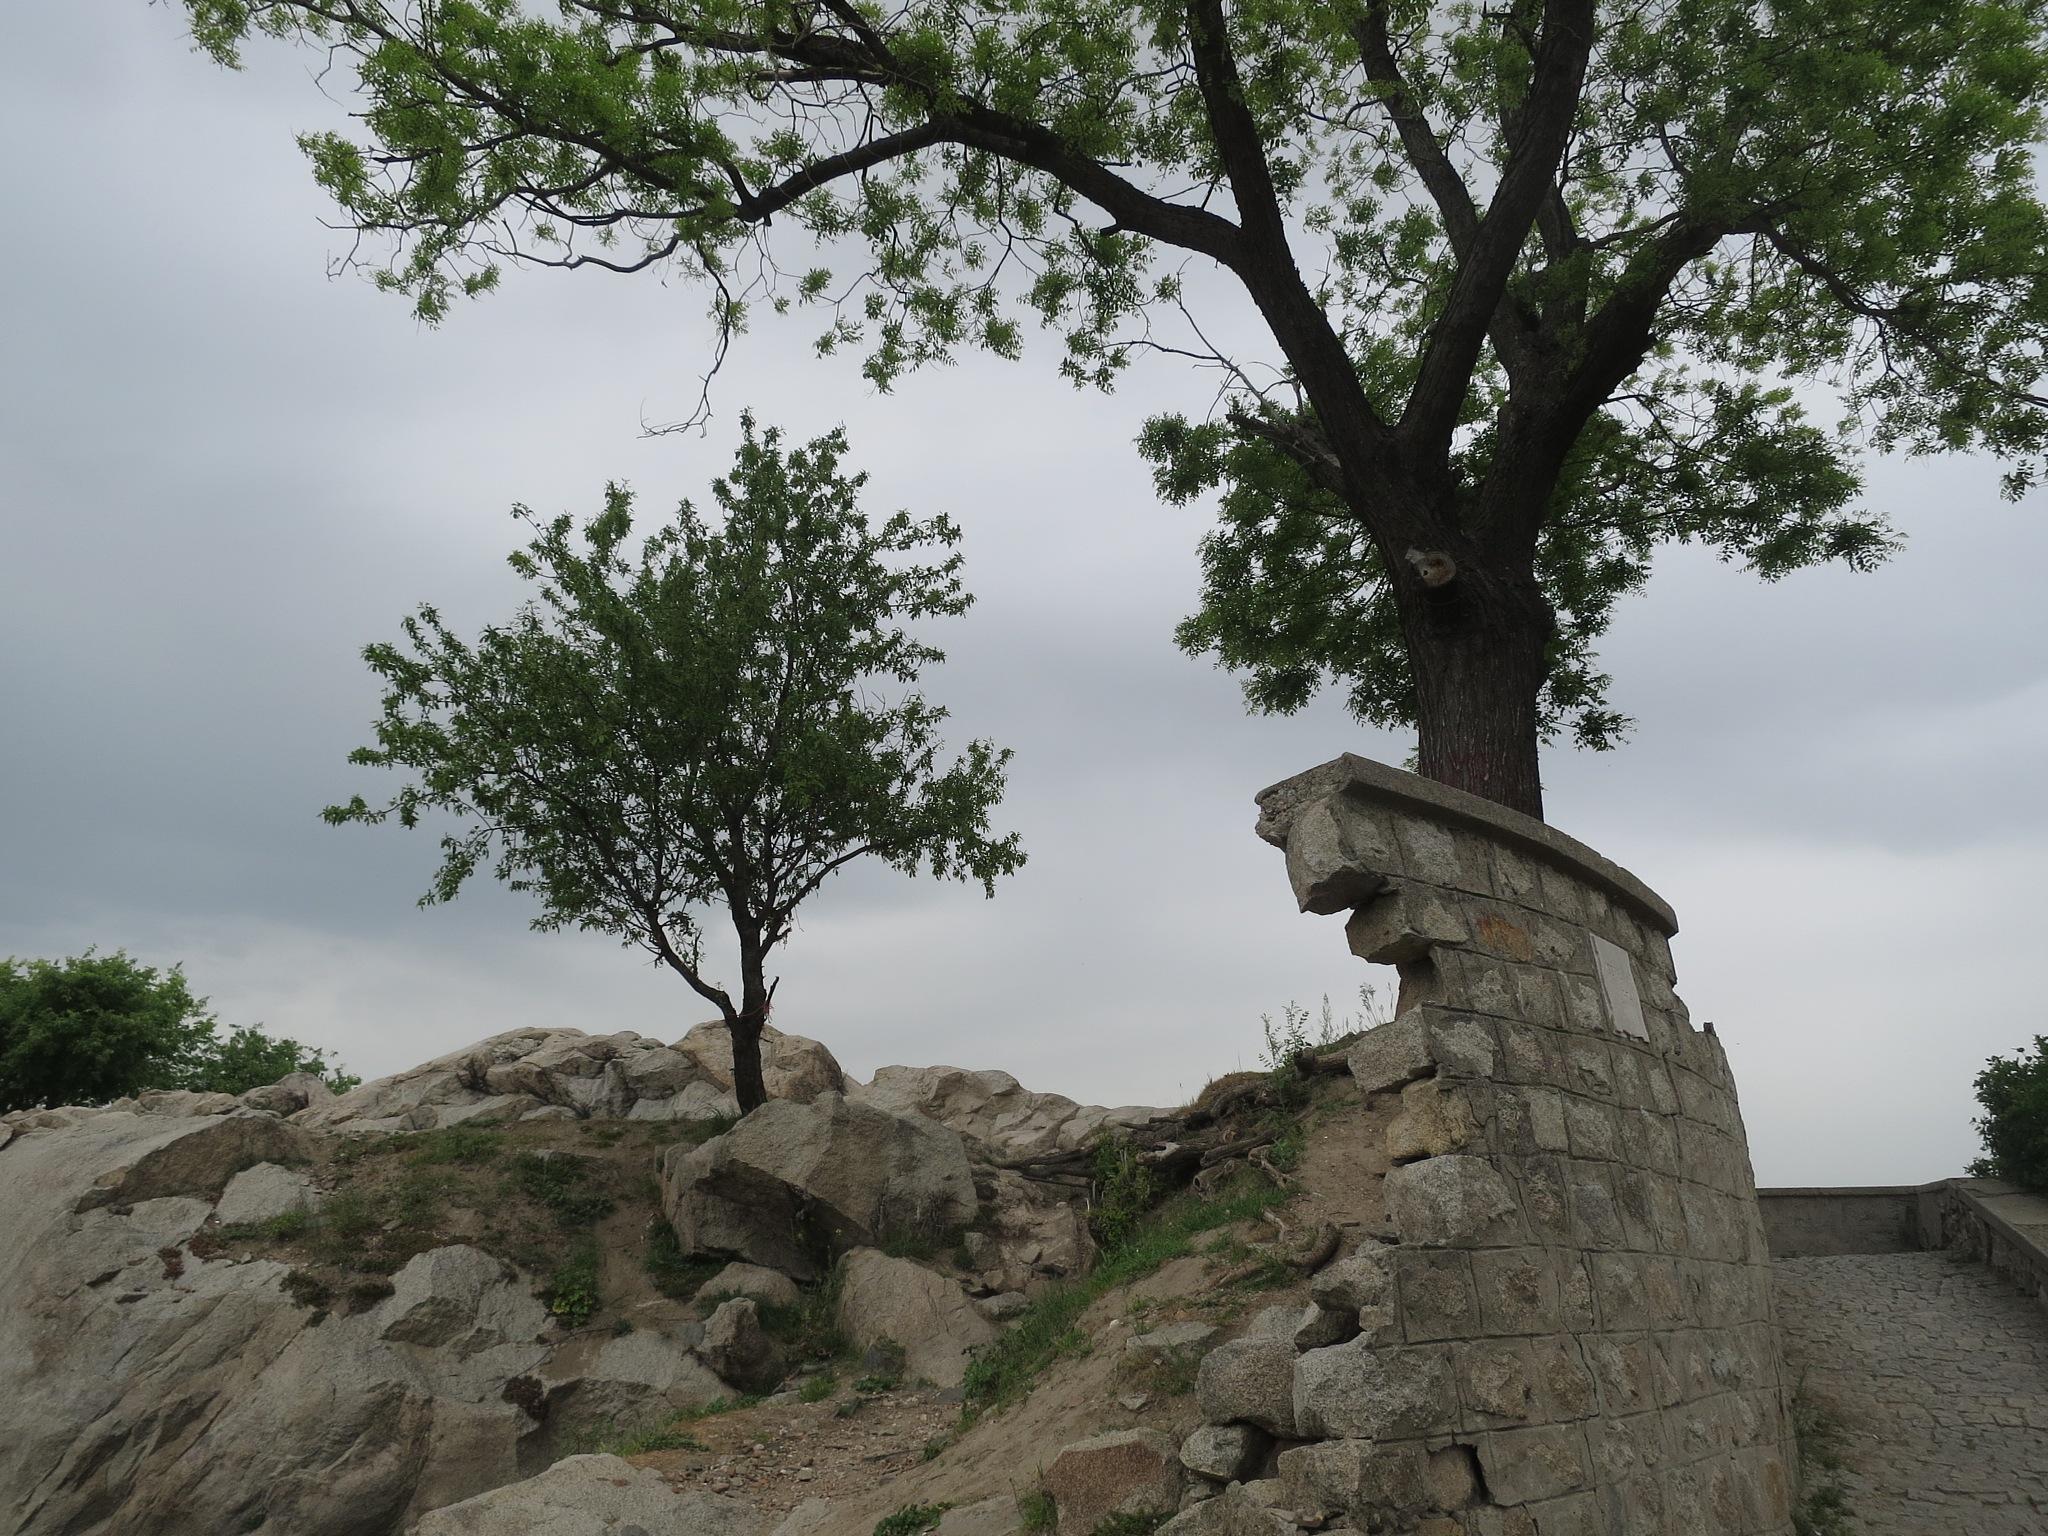 Plovdiv 21 by GraemeLeePollard